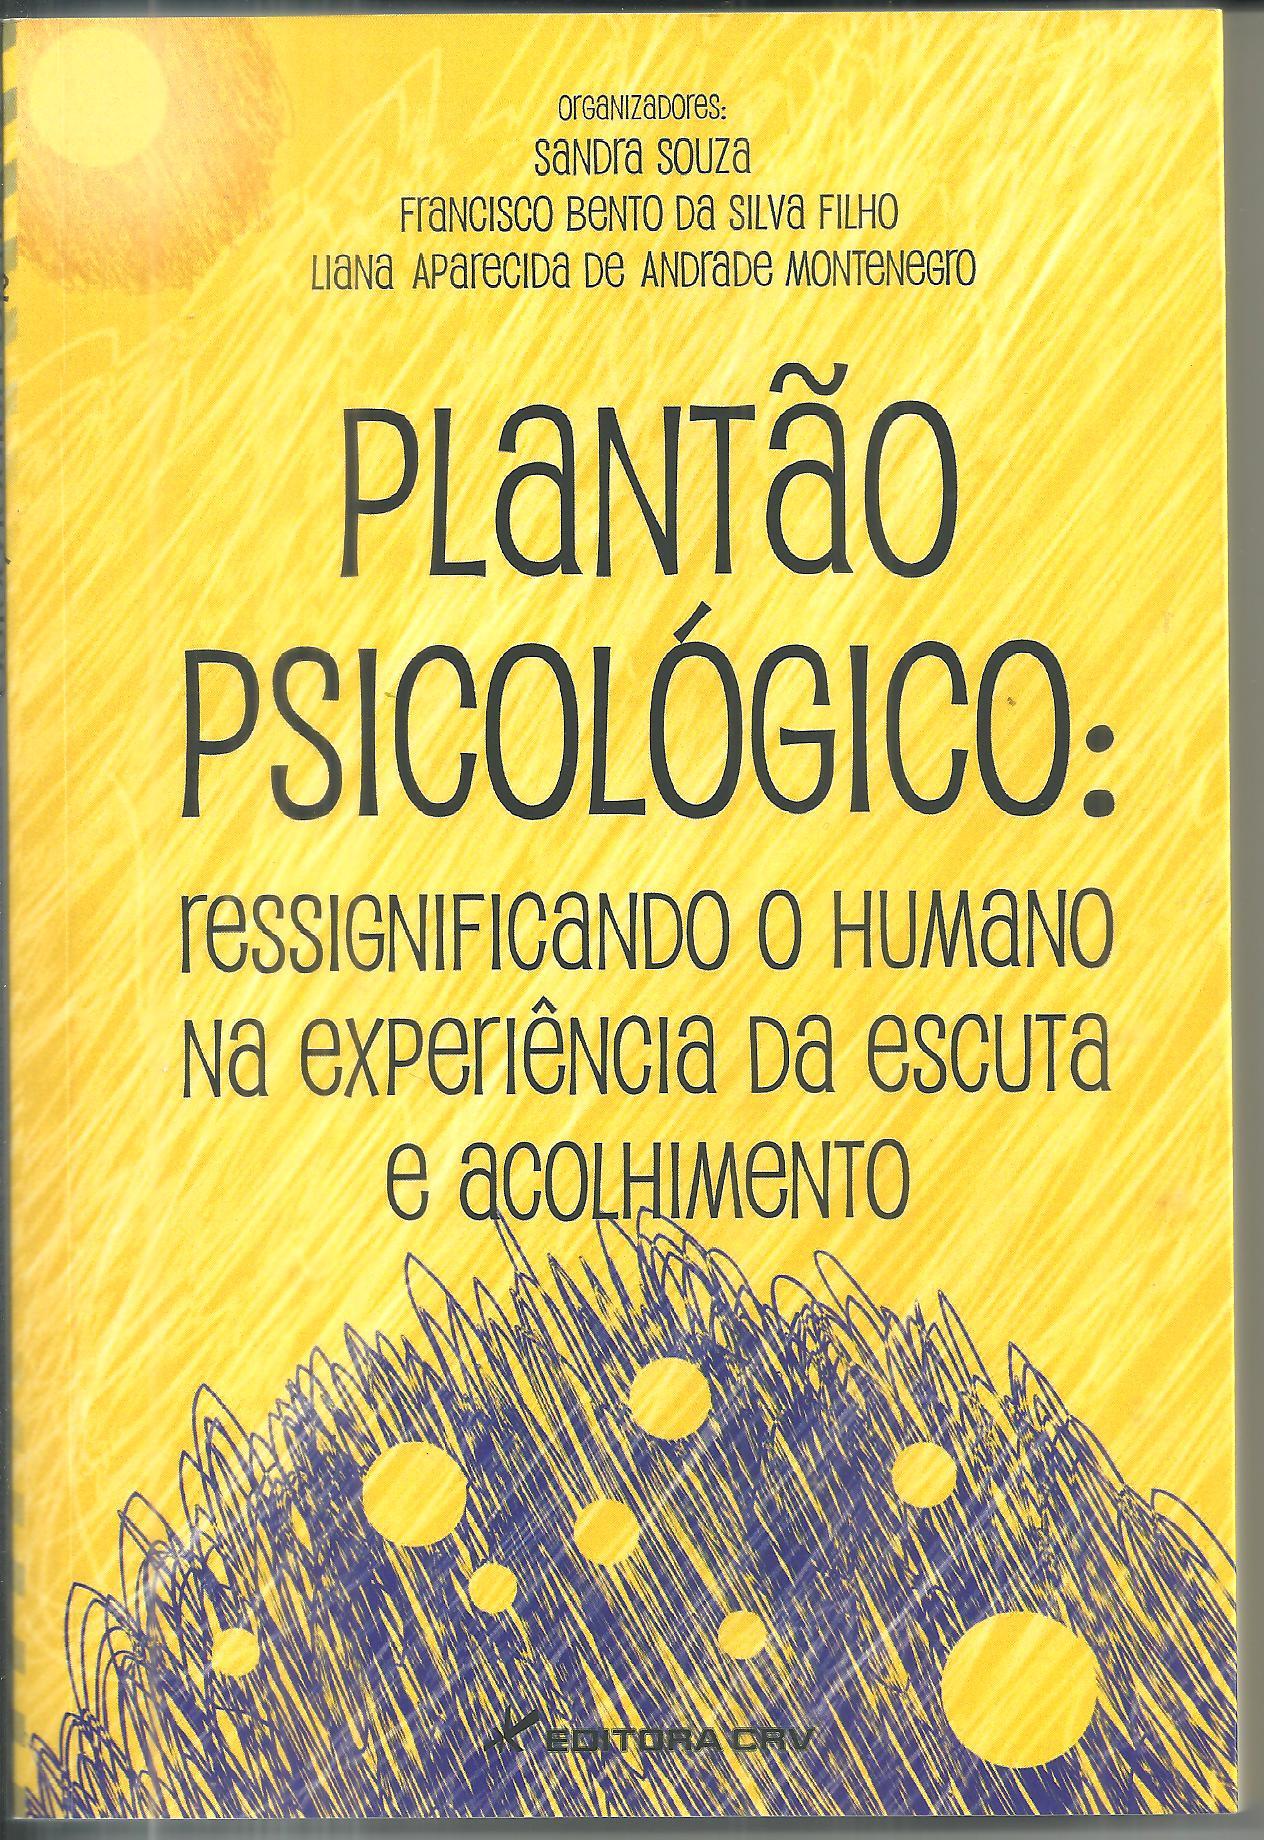 PLANTÃO PSICOLÓGICO: RESSIGNIFICANDO O HUMANO NA EXPERIÊNCIA DA ESCUTA E ACOLHIMENTO